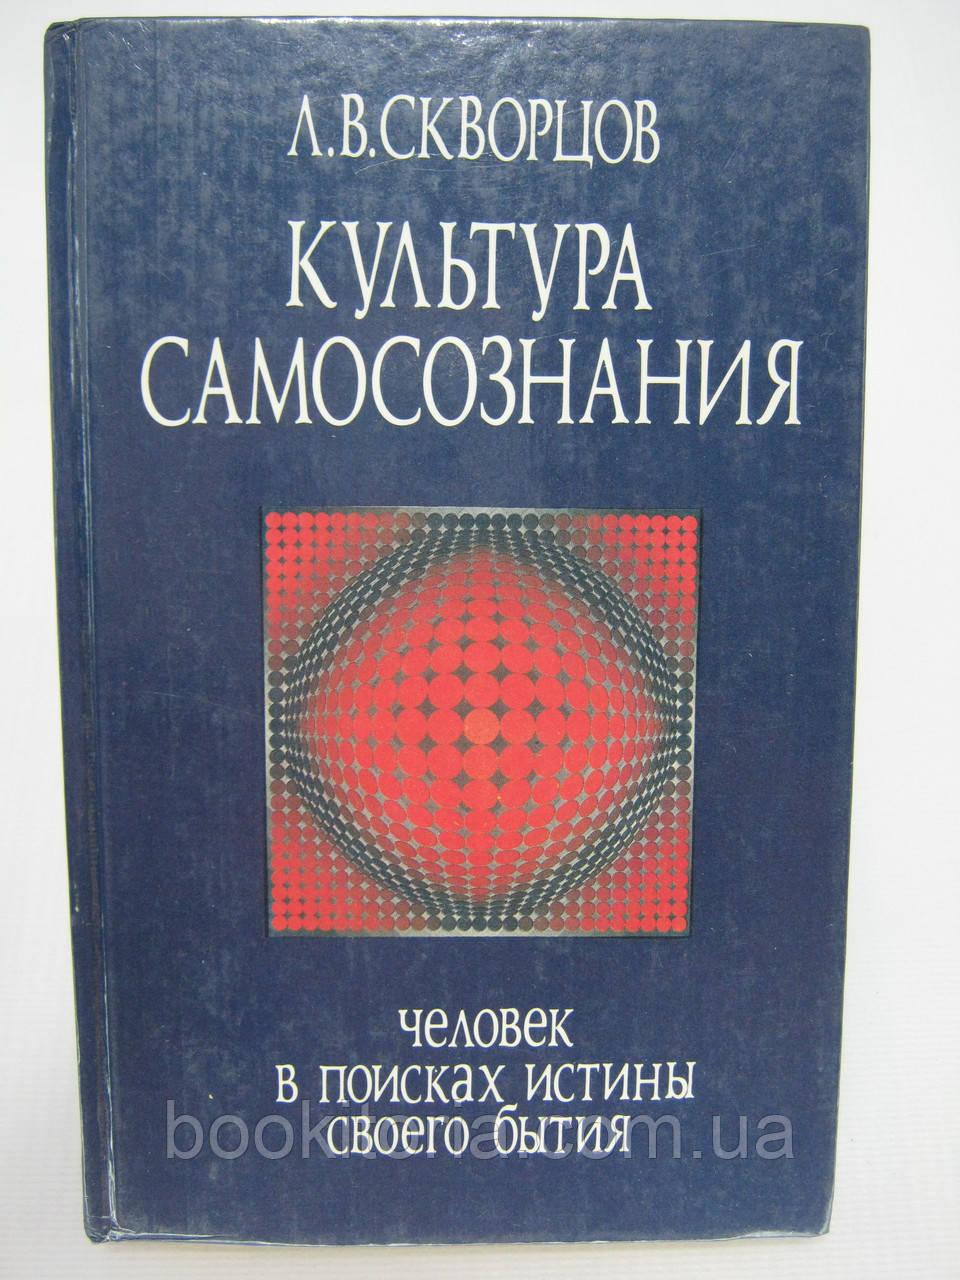 Скворцов Л.В. Культура самосознания (б/у).